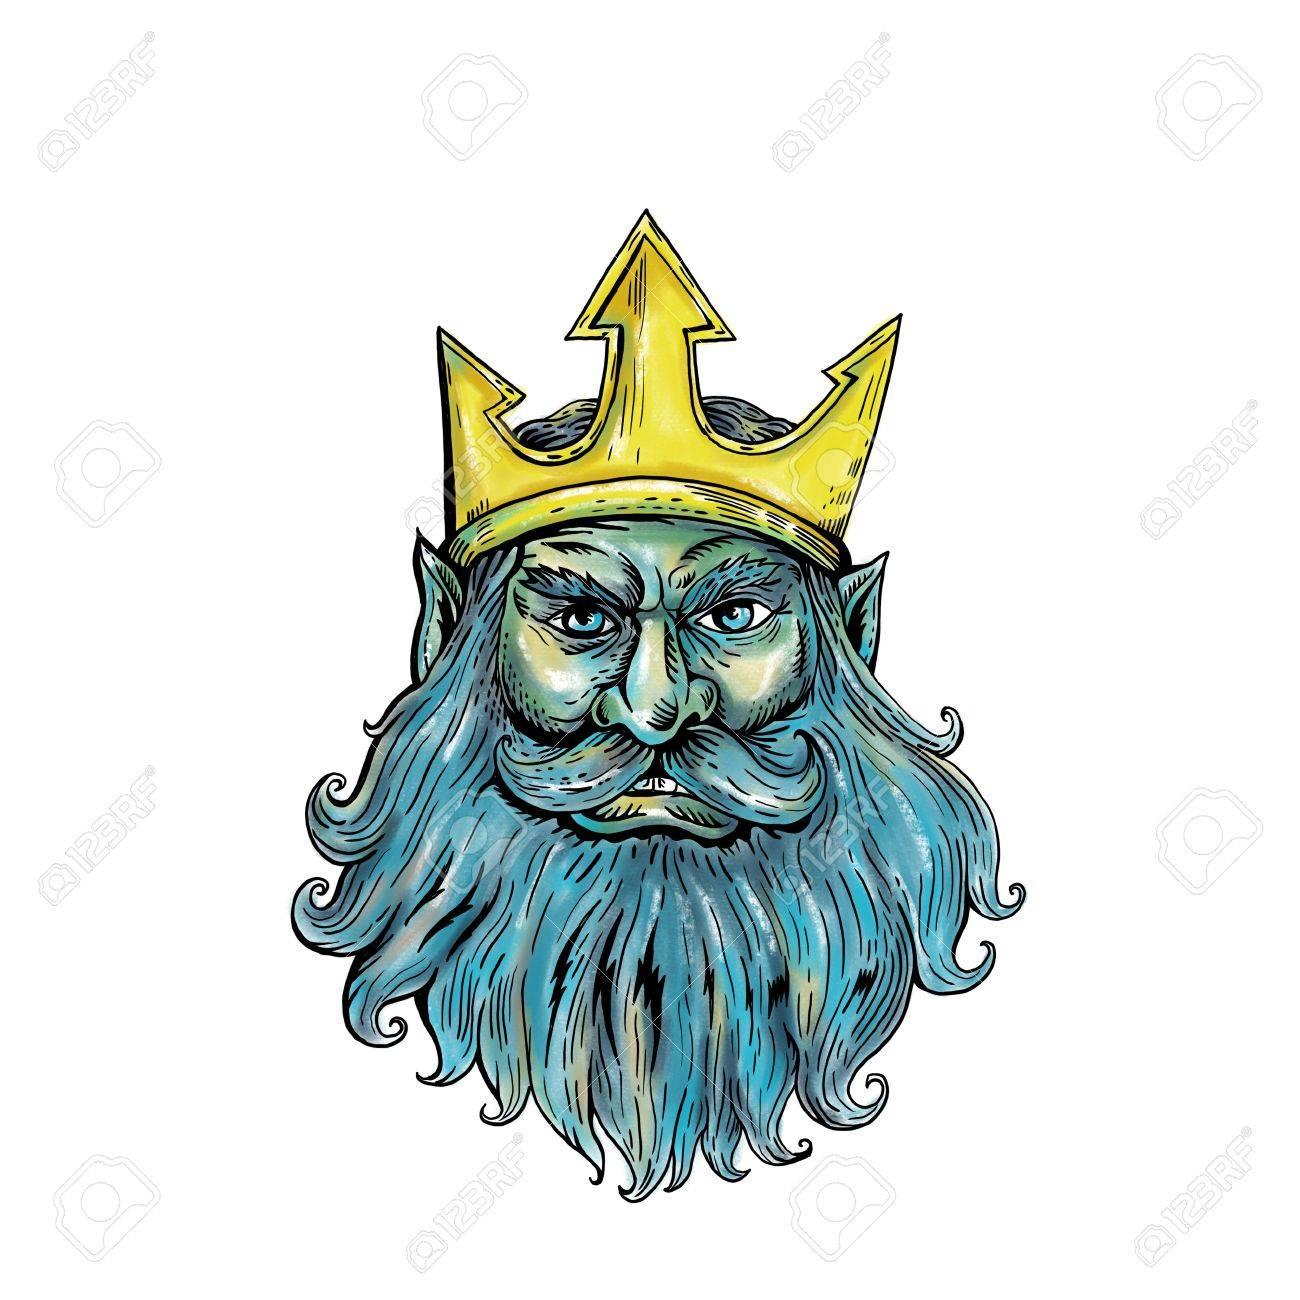 Woodcut Style Illustration Of Head Of Neptune Poseidon Or Triton